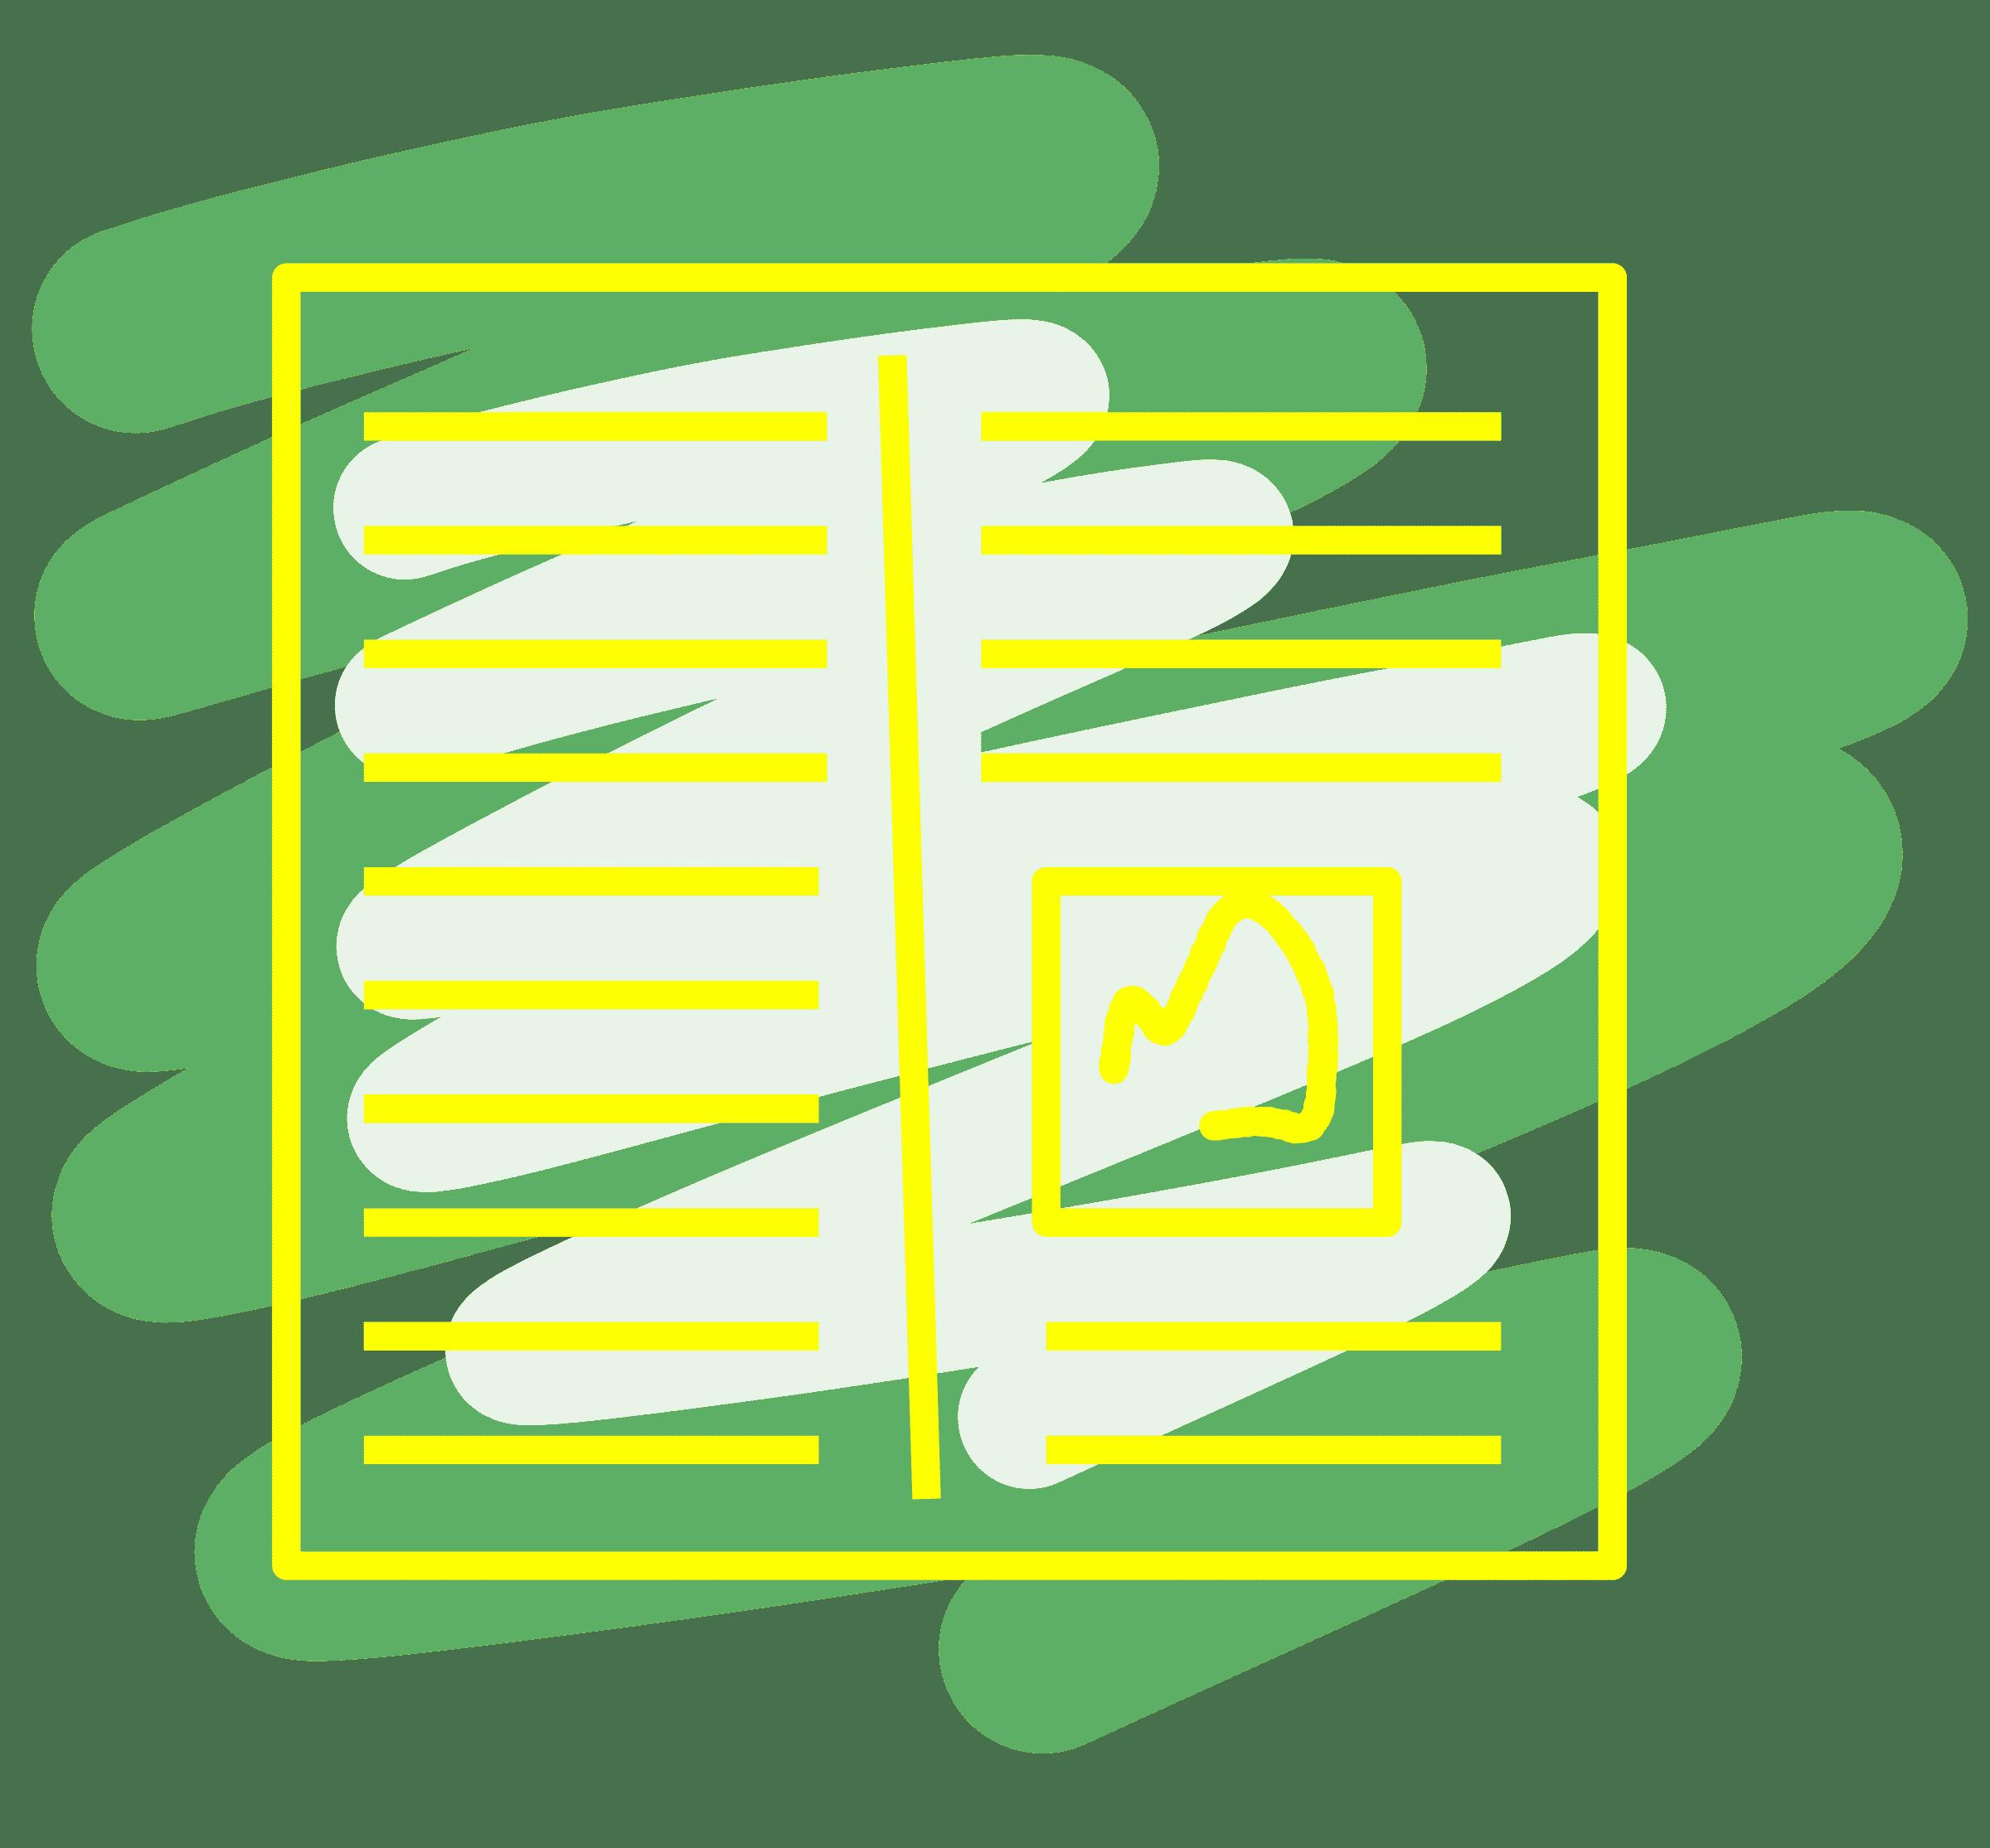 Open book von hjkl